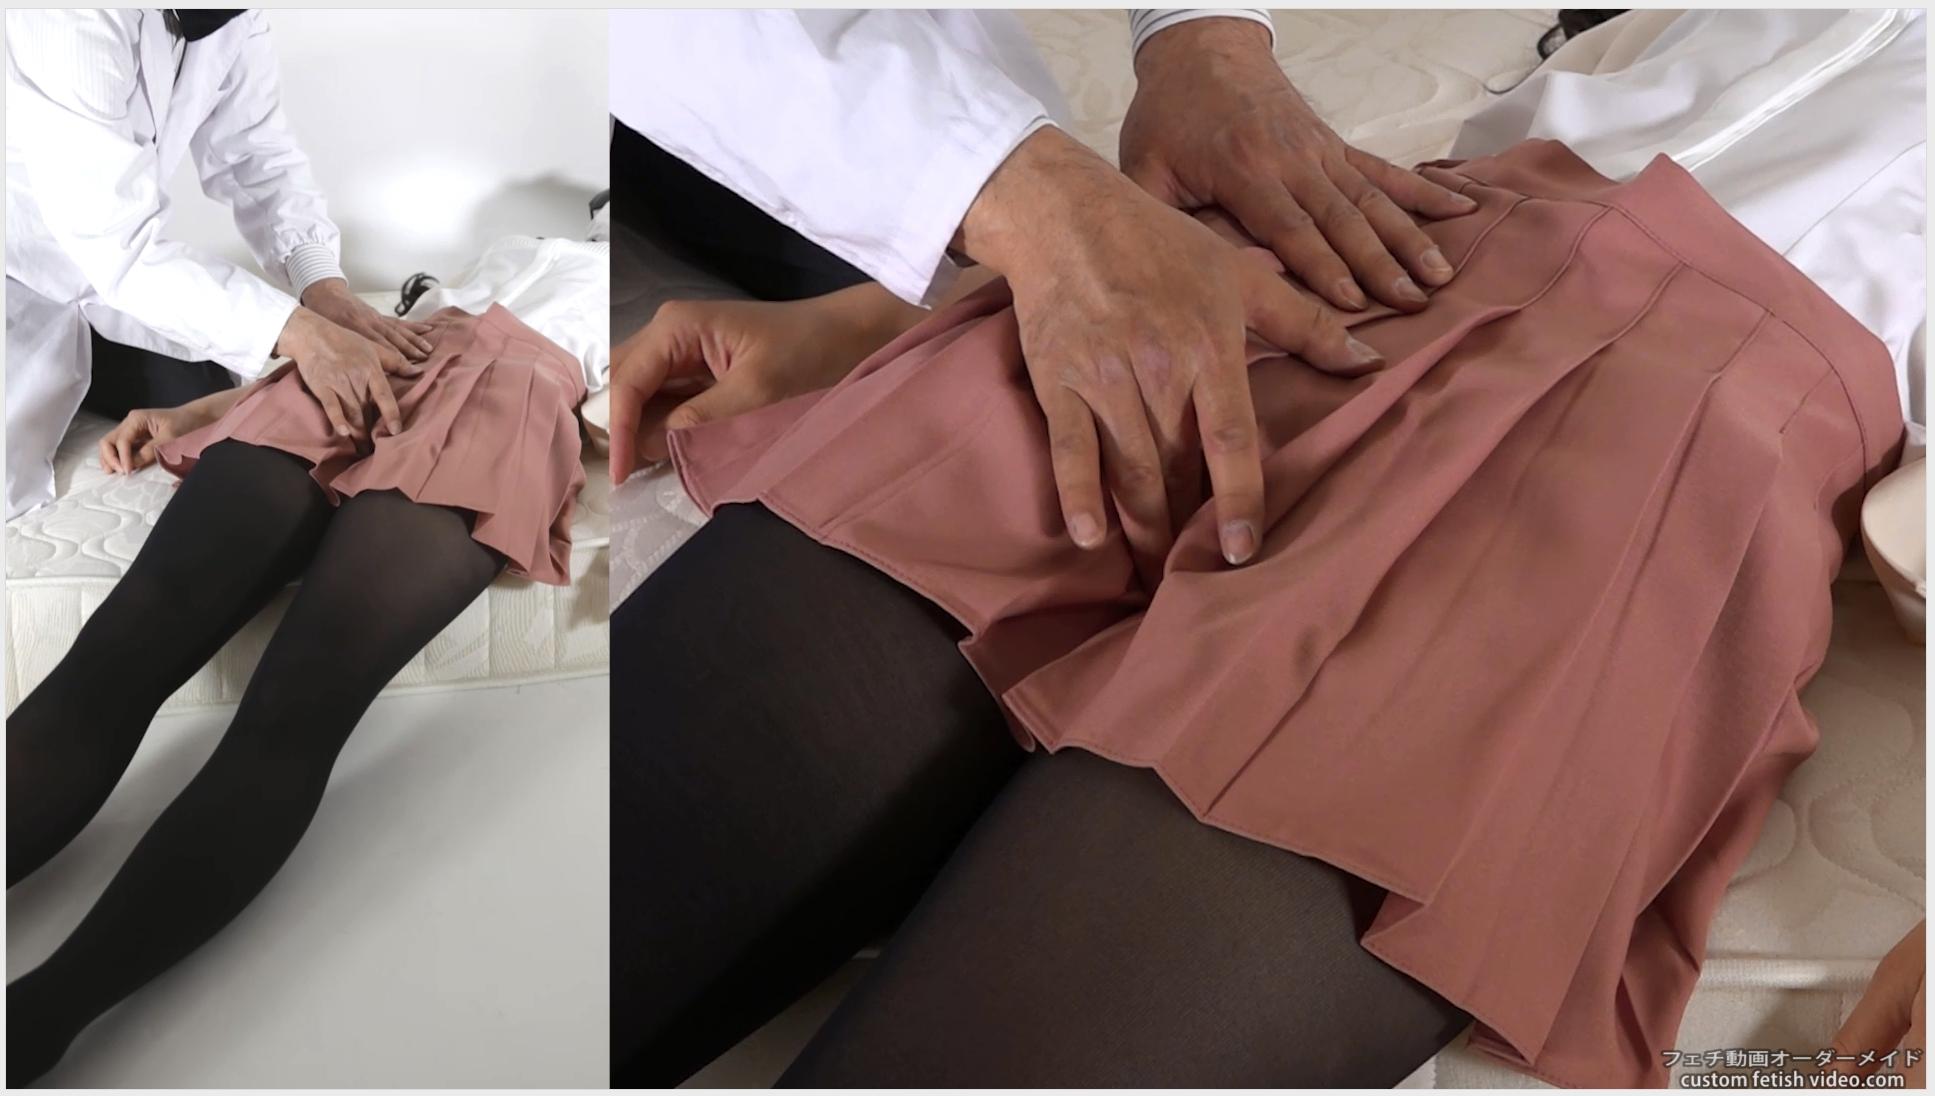 男の手によって触られる股間